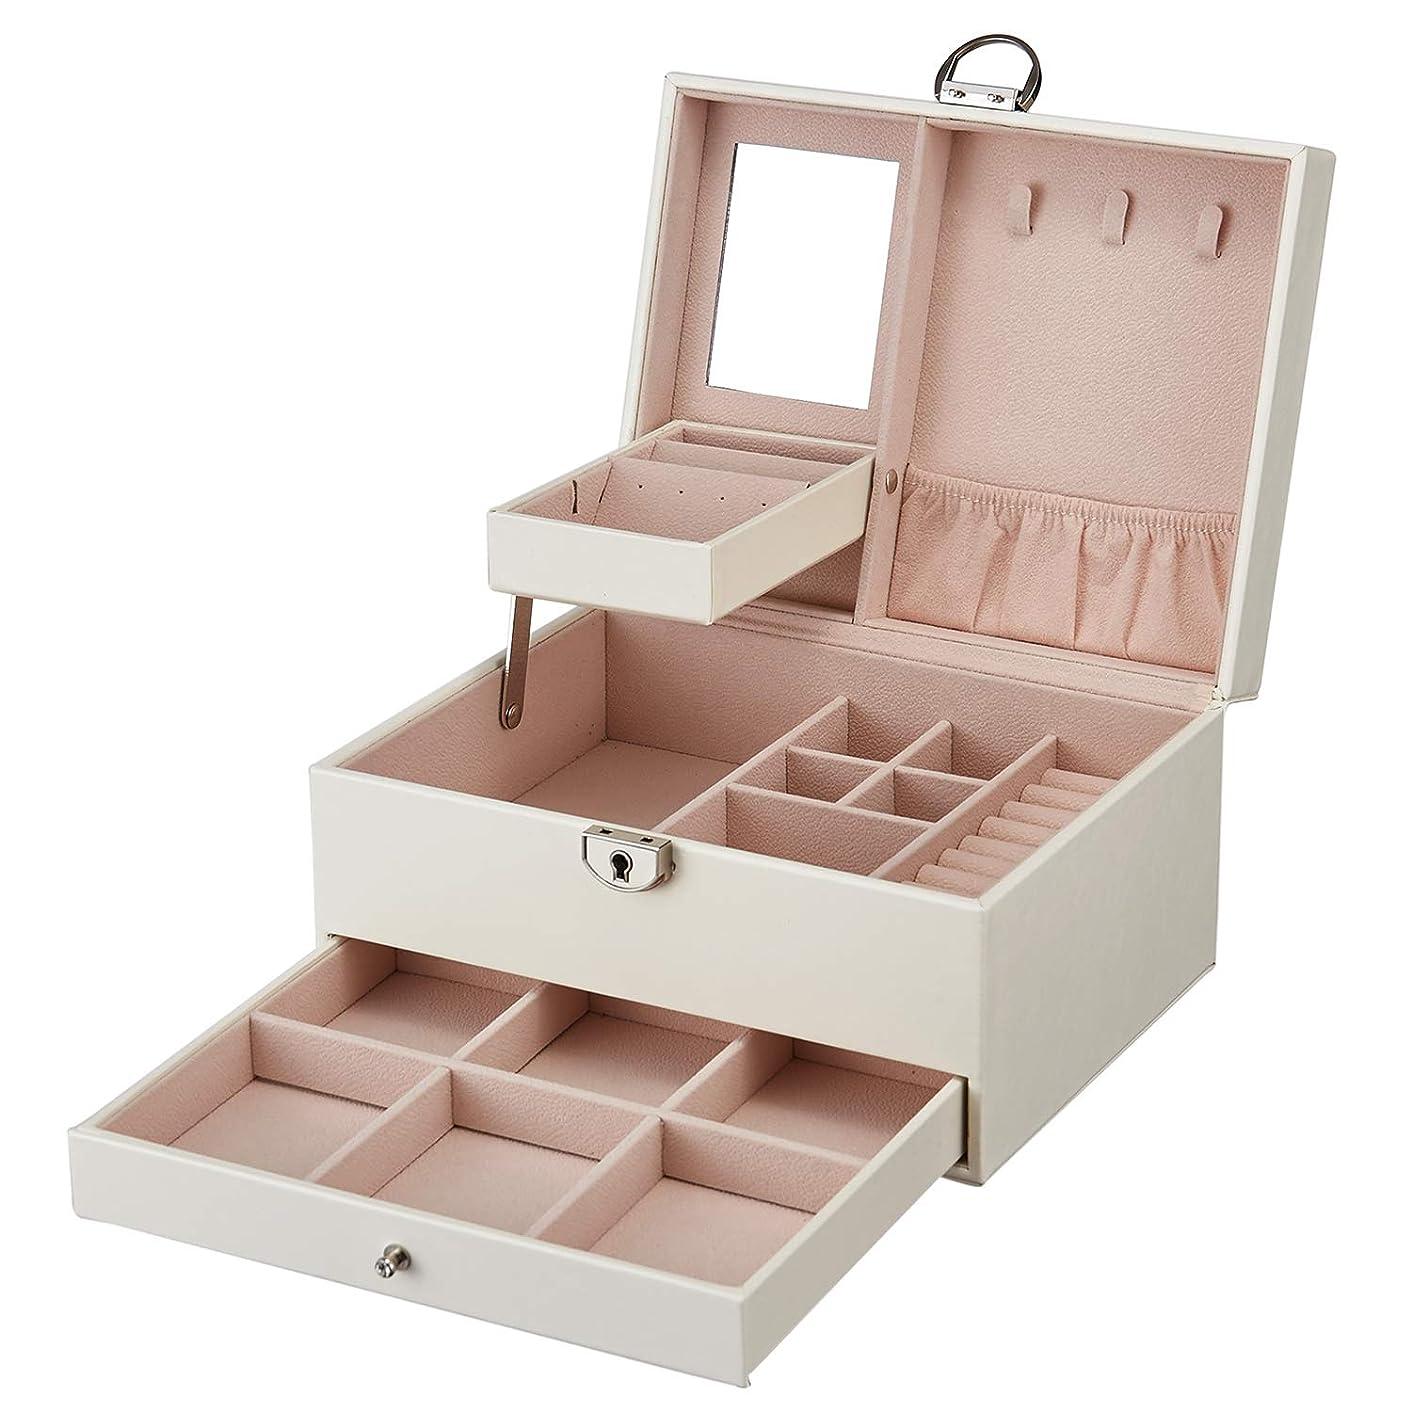 吐く密サバントArcEnCiel ジュエリーボックス 鍵ミラー付き 3階 大容量 ジュエリー アクセサリー 収納 宝石箱